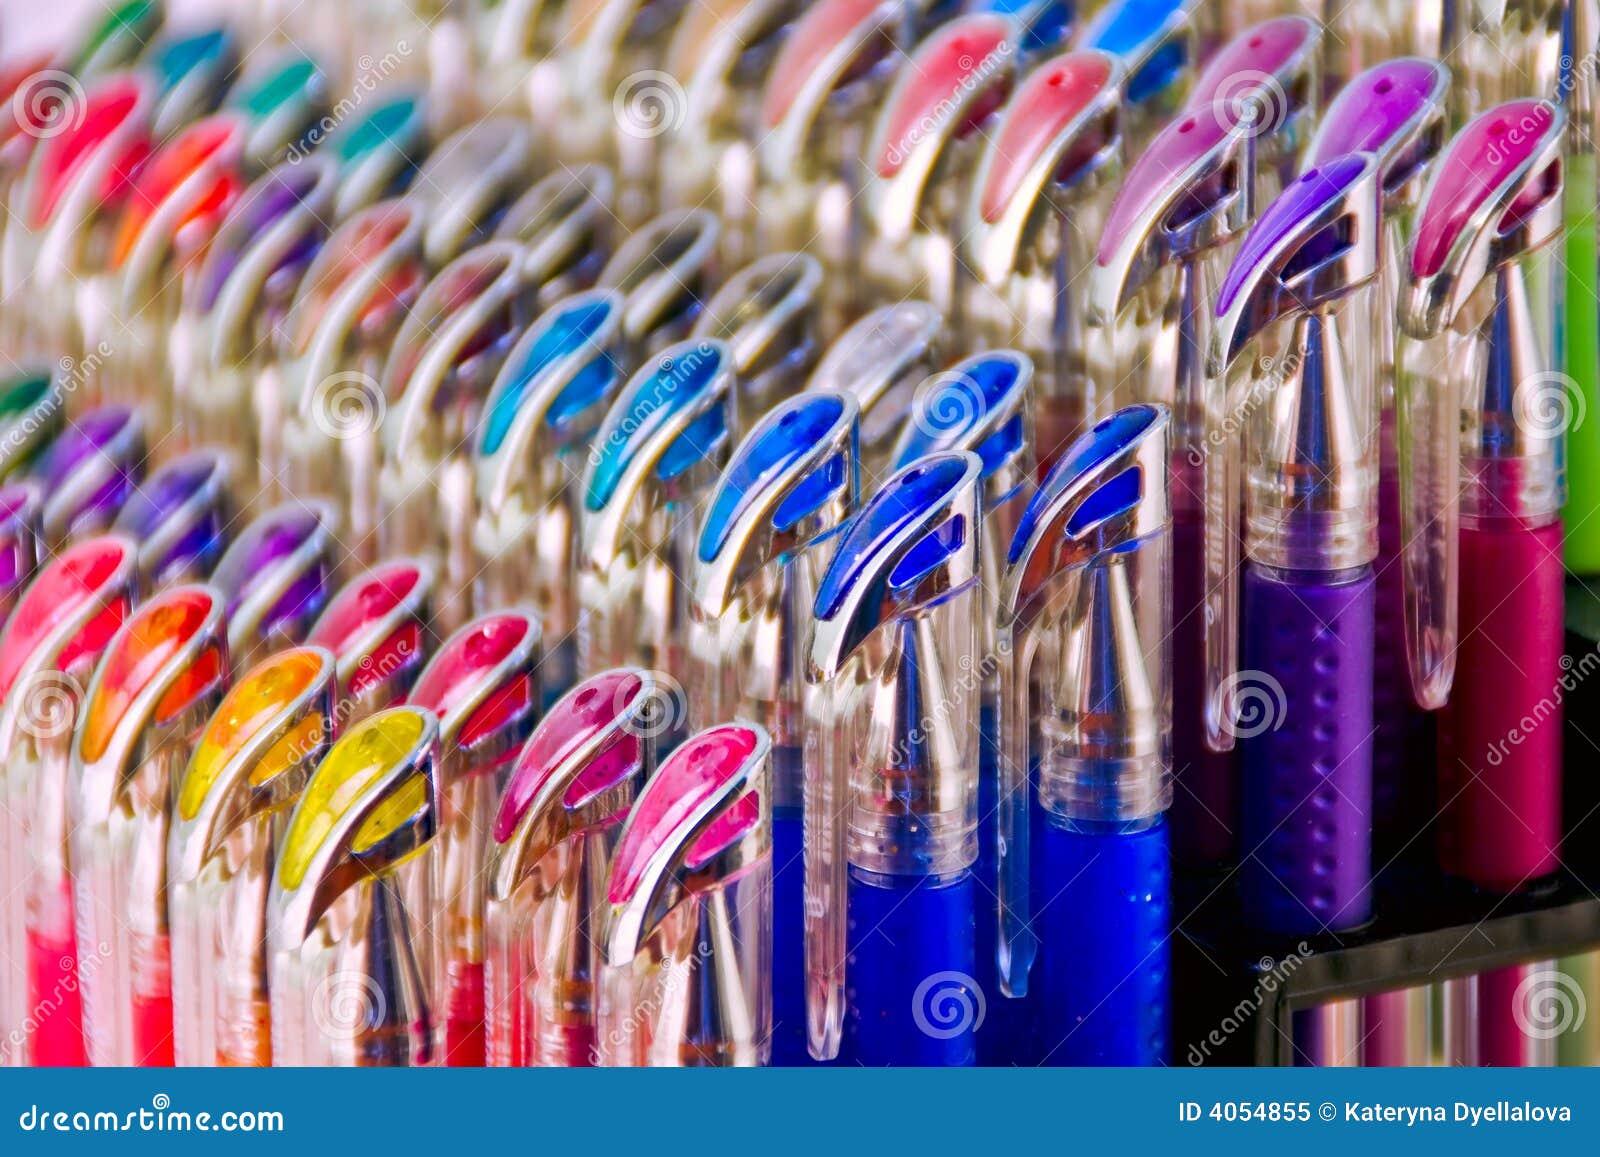 Penas coloridas do gel